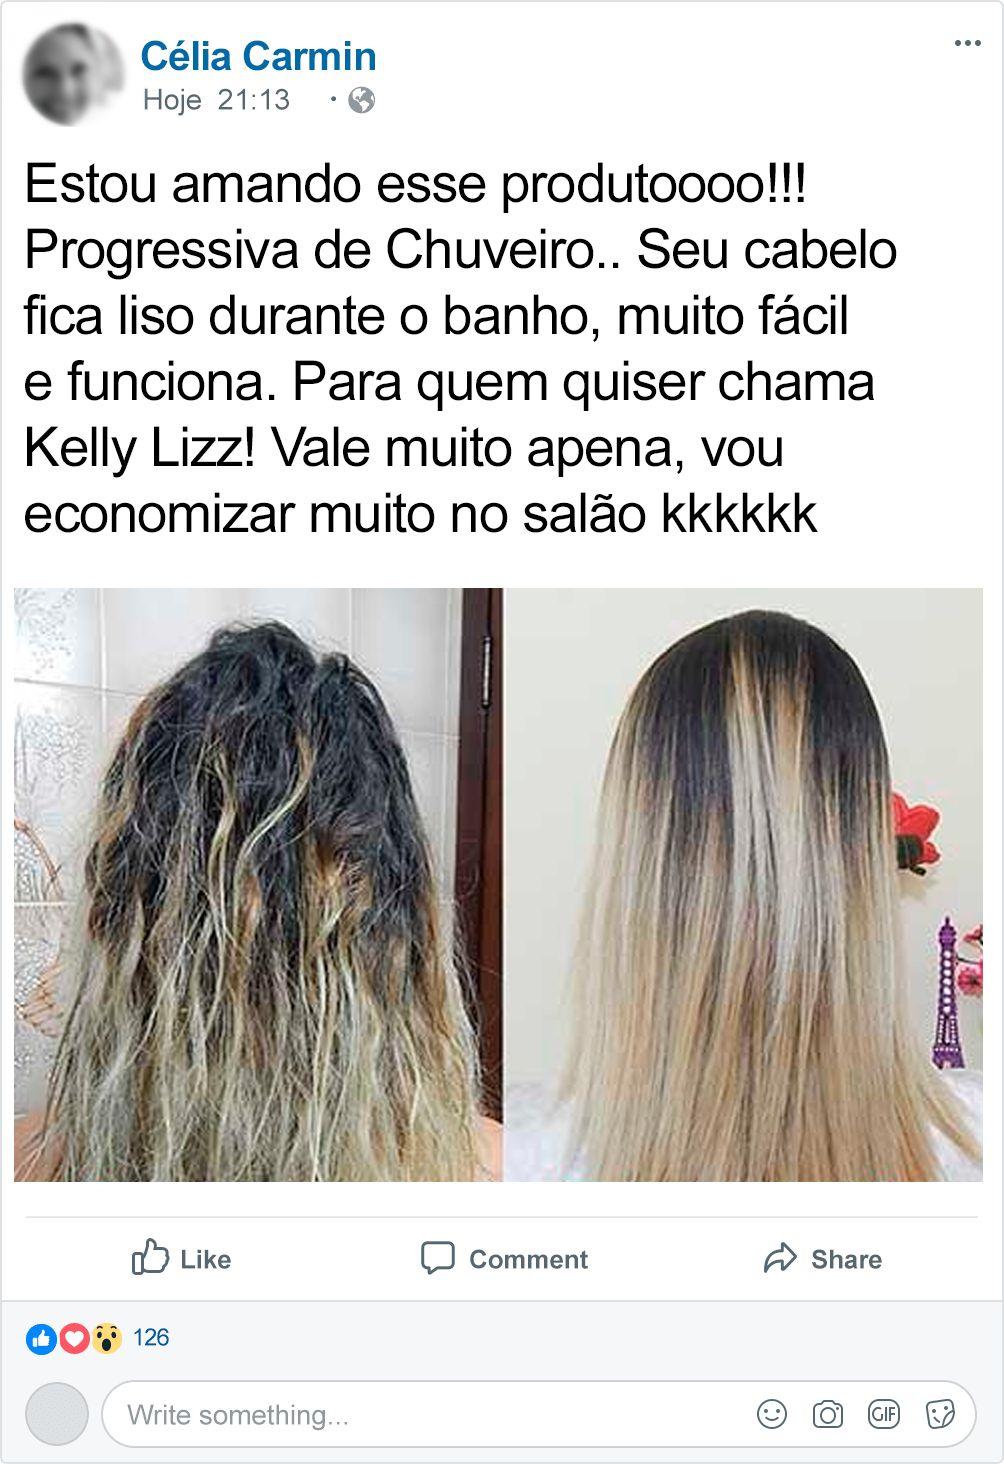 Kelly Lizz